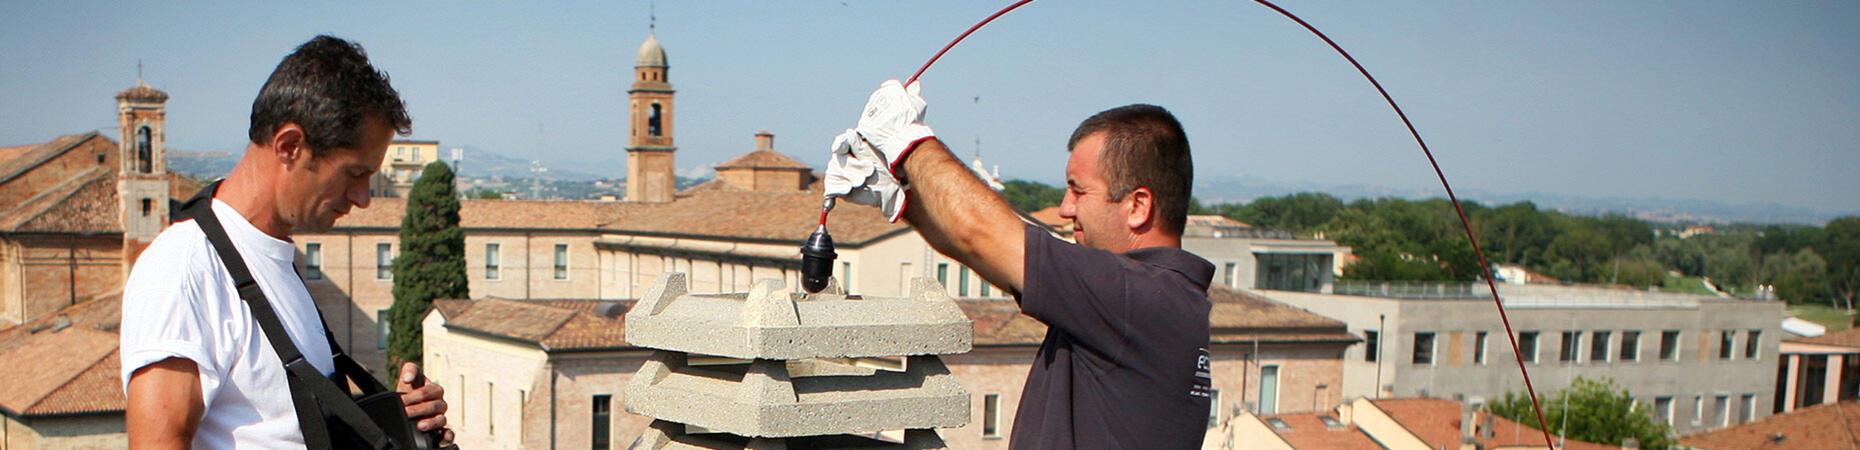 ecoservice-ancona it spazzacamino-e-pulizia-canne-fumarie-ancona 005